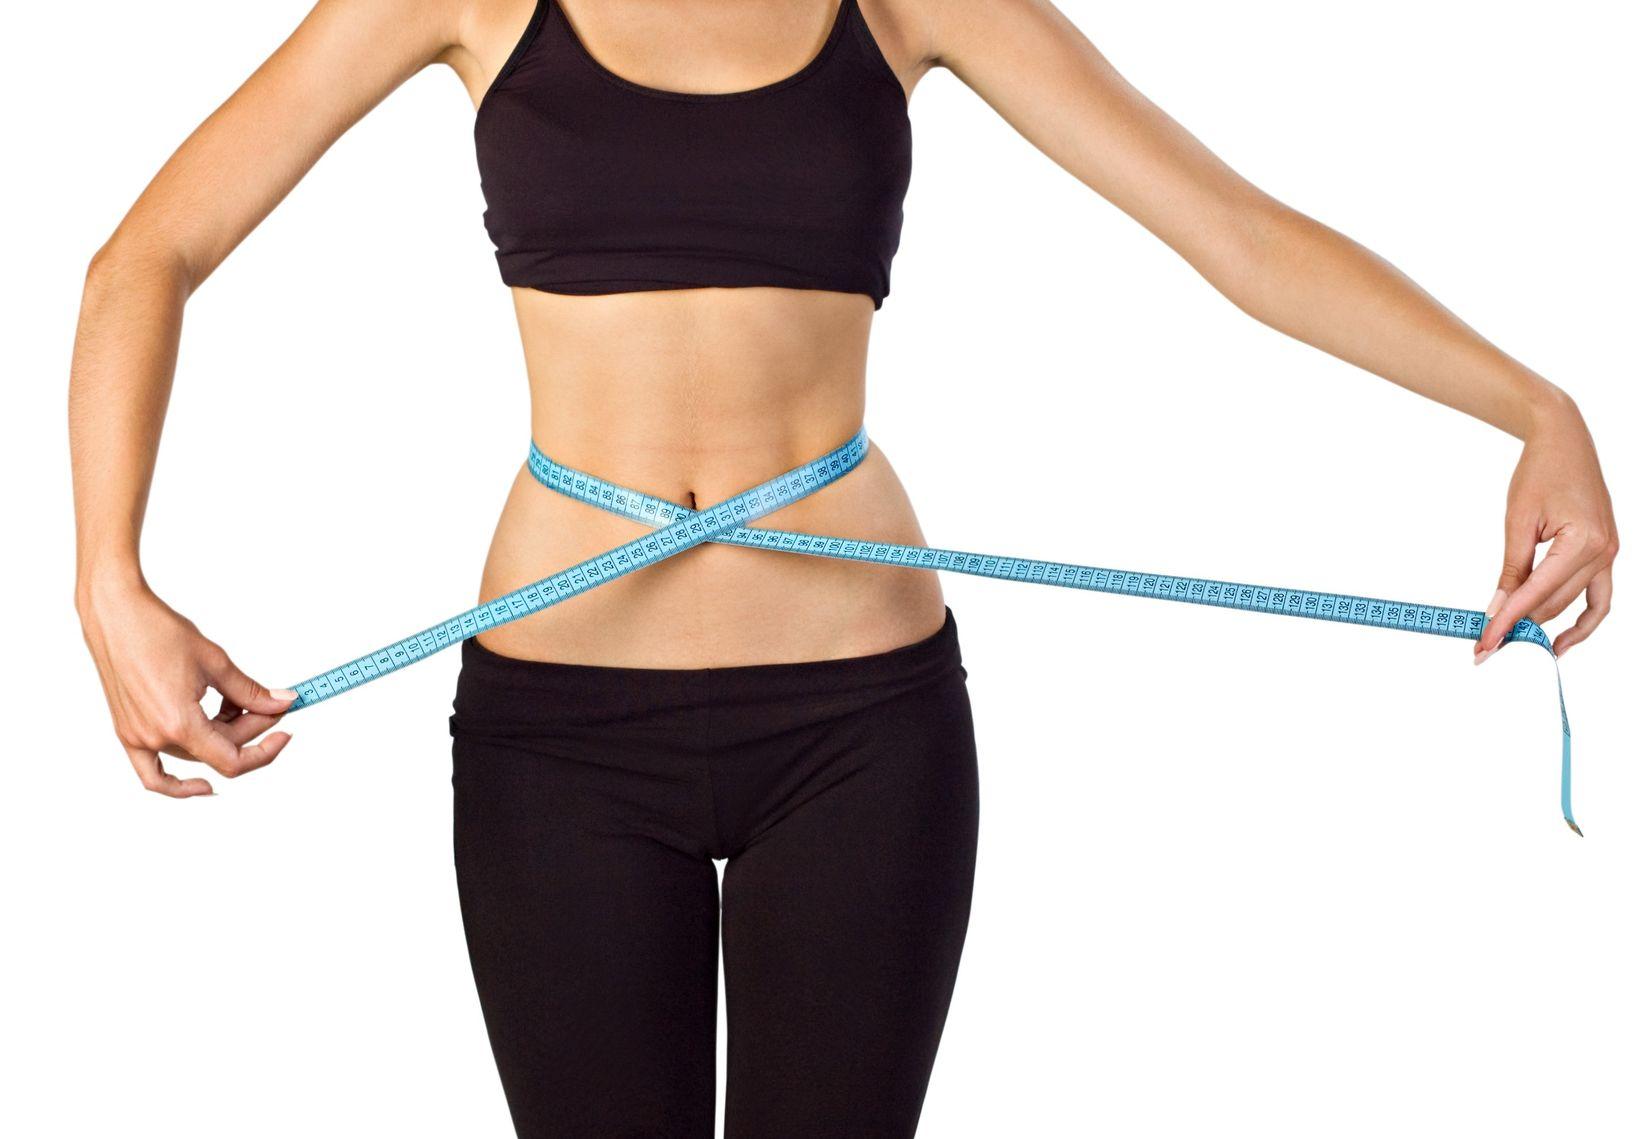 Эффективные Средства Для Похудения В Талии. Как можно быстро похудеть в талии и животе в домашних условиях